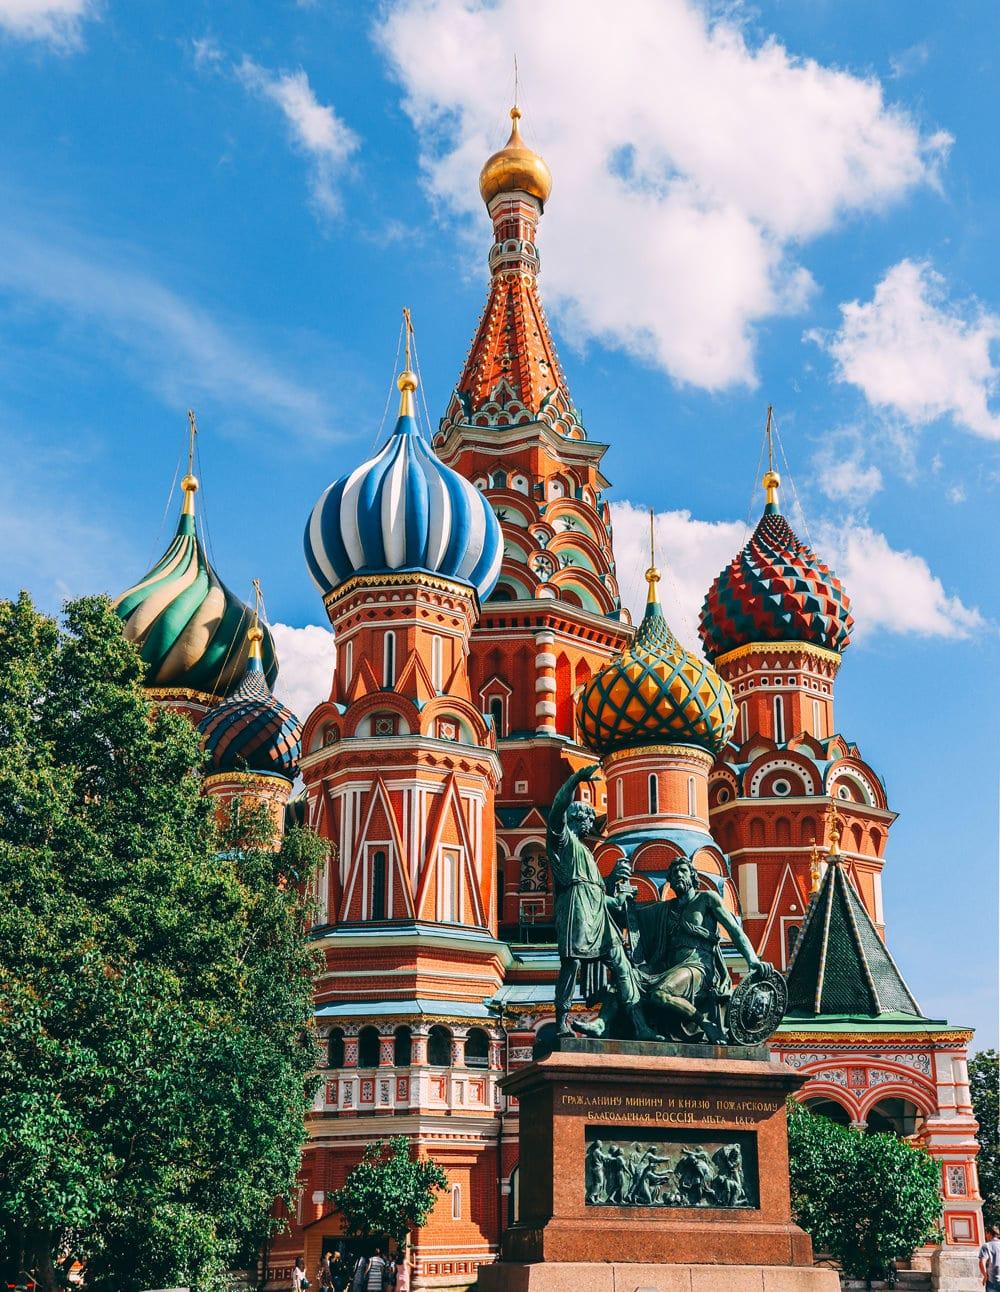 Eines der bekanntesten Wahrzeichen von Moskau: die Basilius-Kathedrale am Roten Platz, Foto: Nikolay Vorobyev/ Unsplash